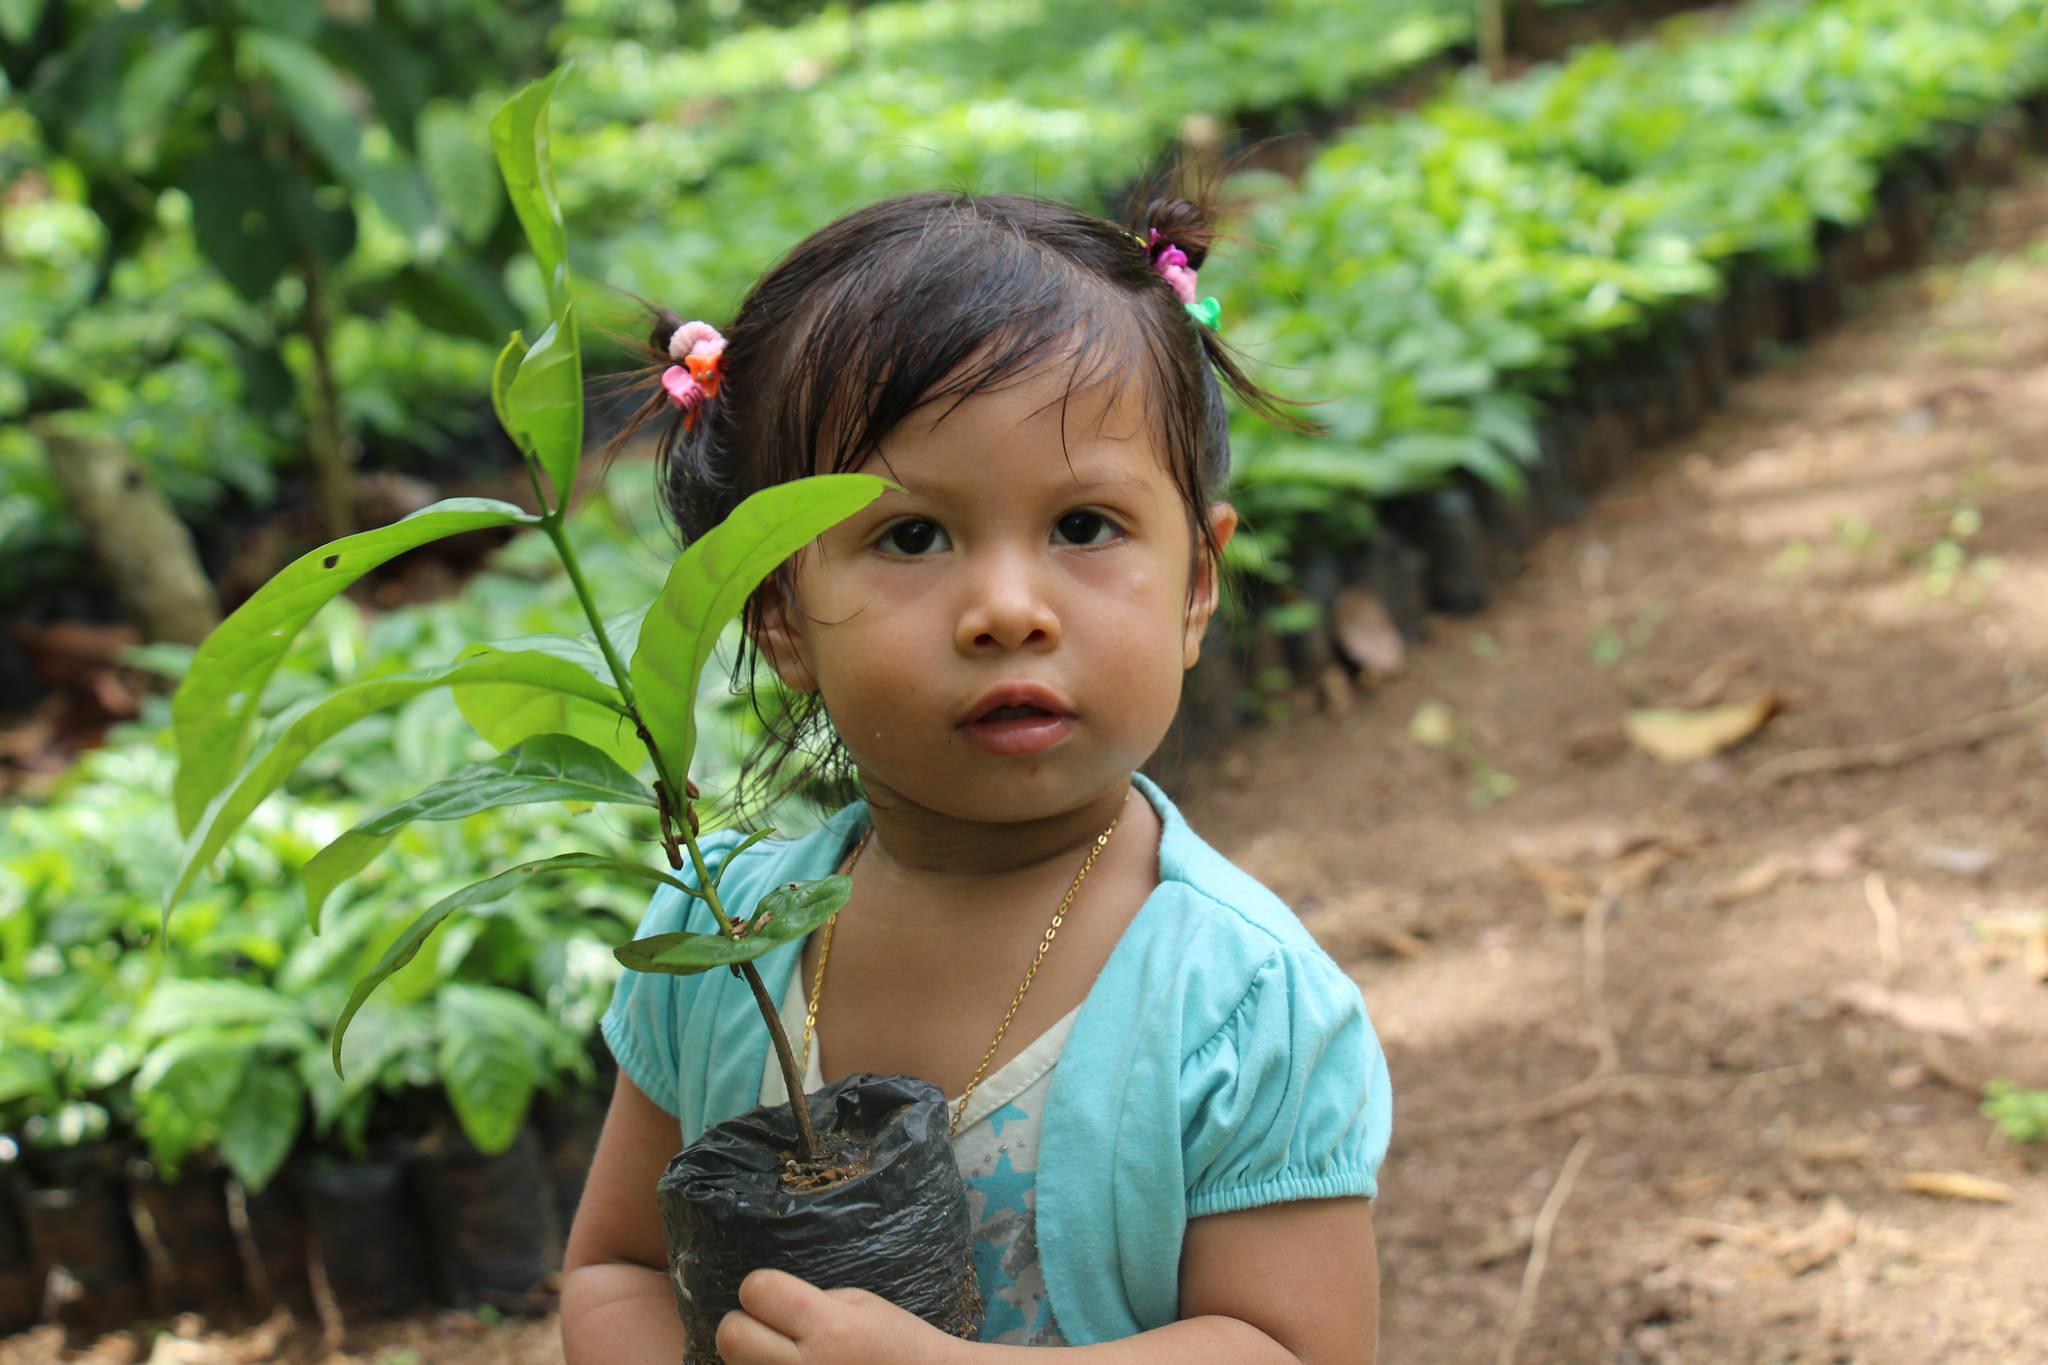 Wir halten die Zukunft in unseren Händen: nachhaltige Aufforstung trägt zum Klimaschutz bei. Foto: ForestFinance